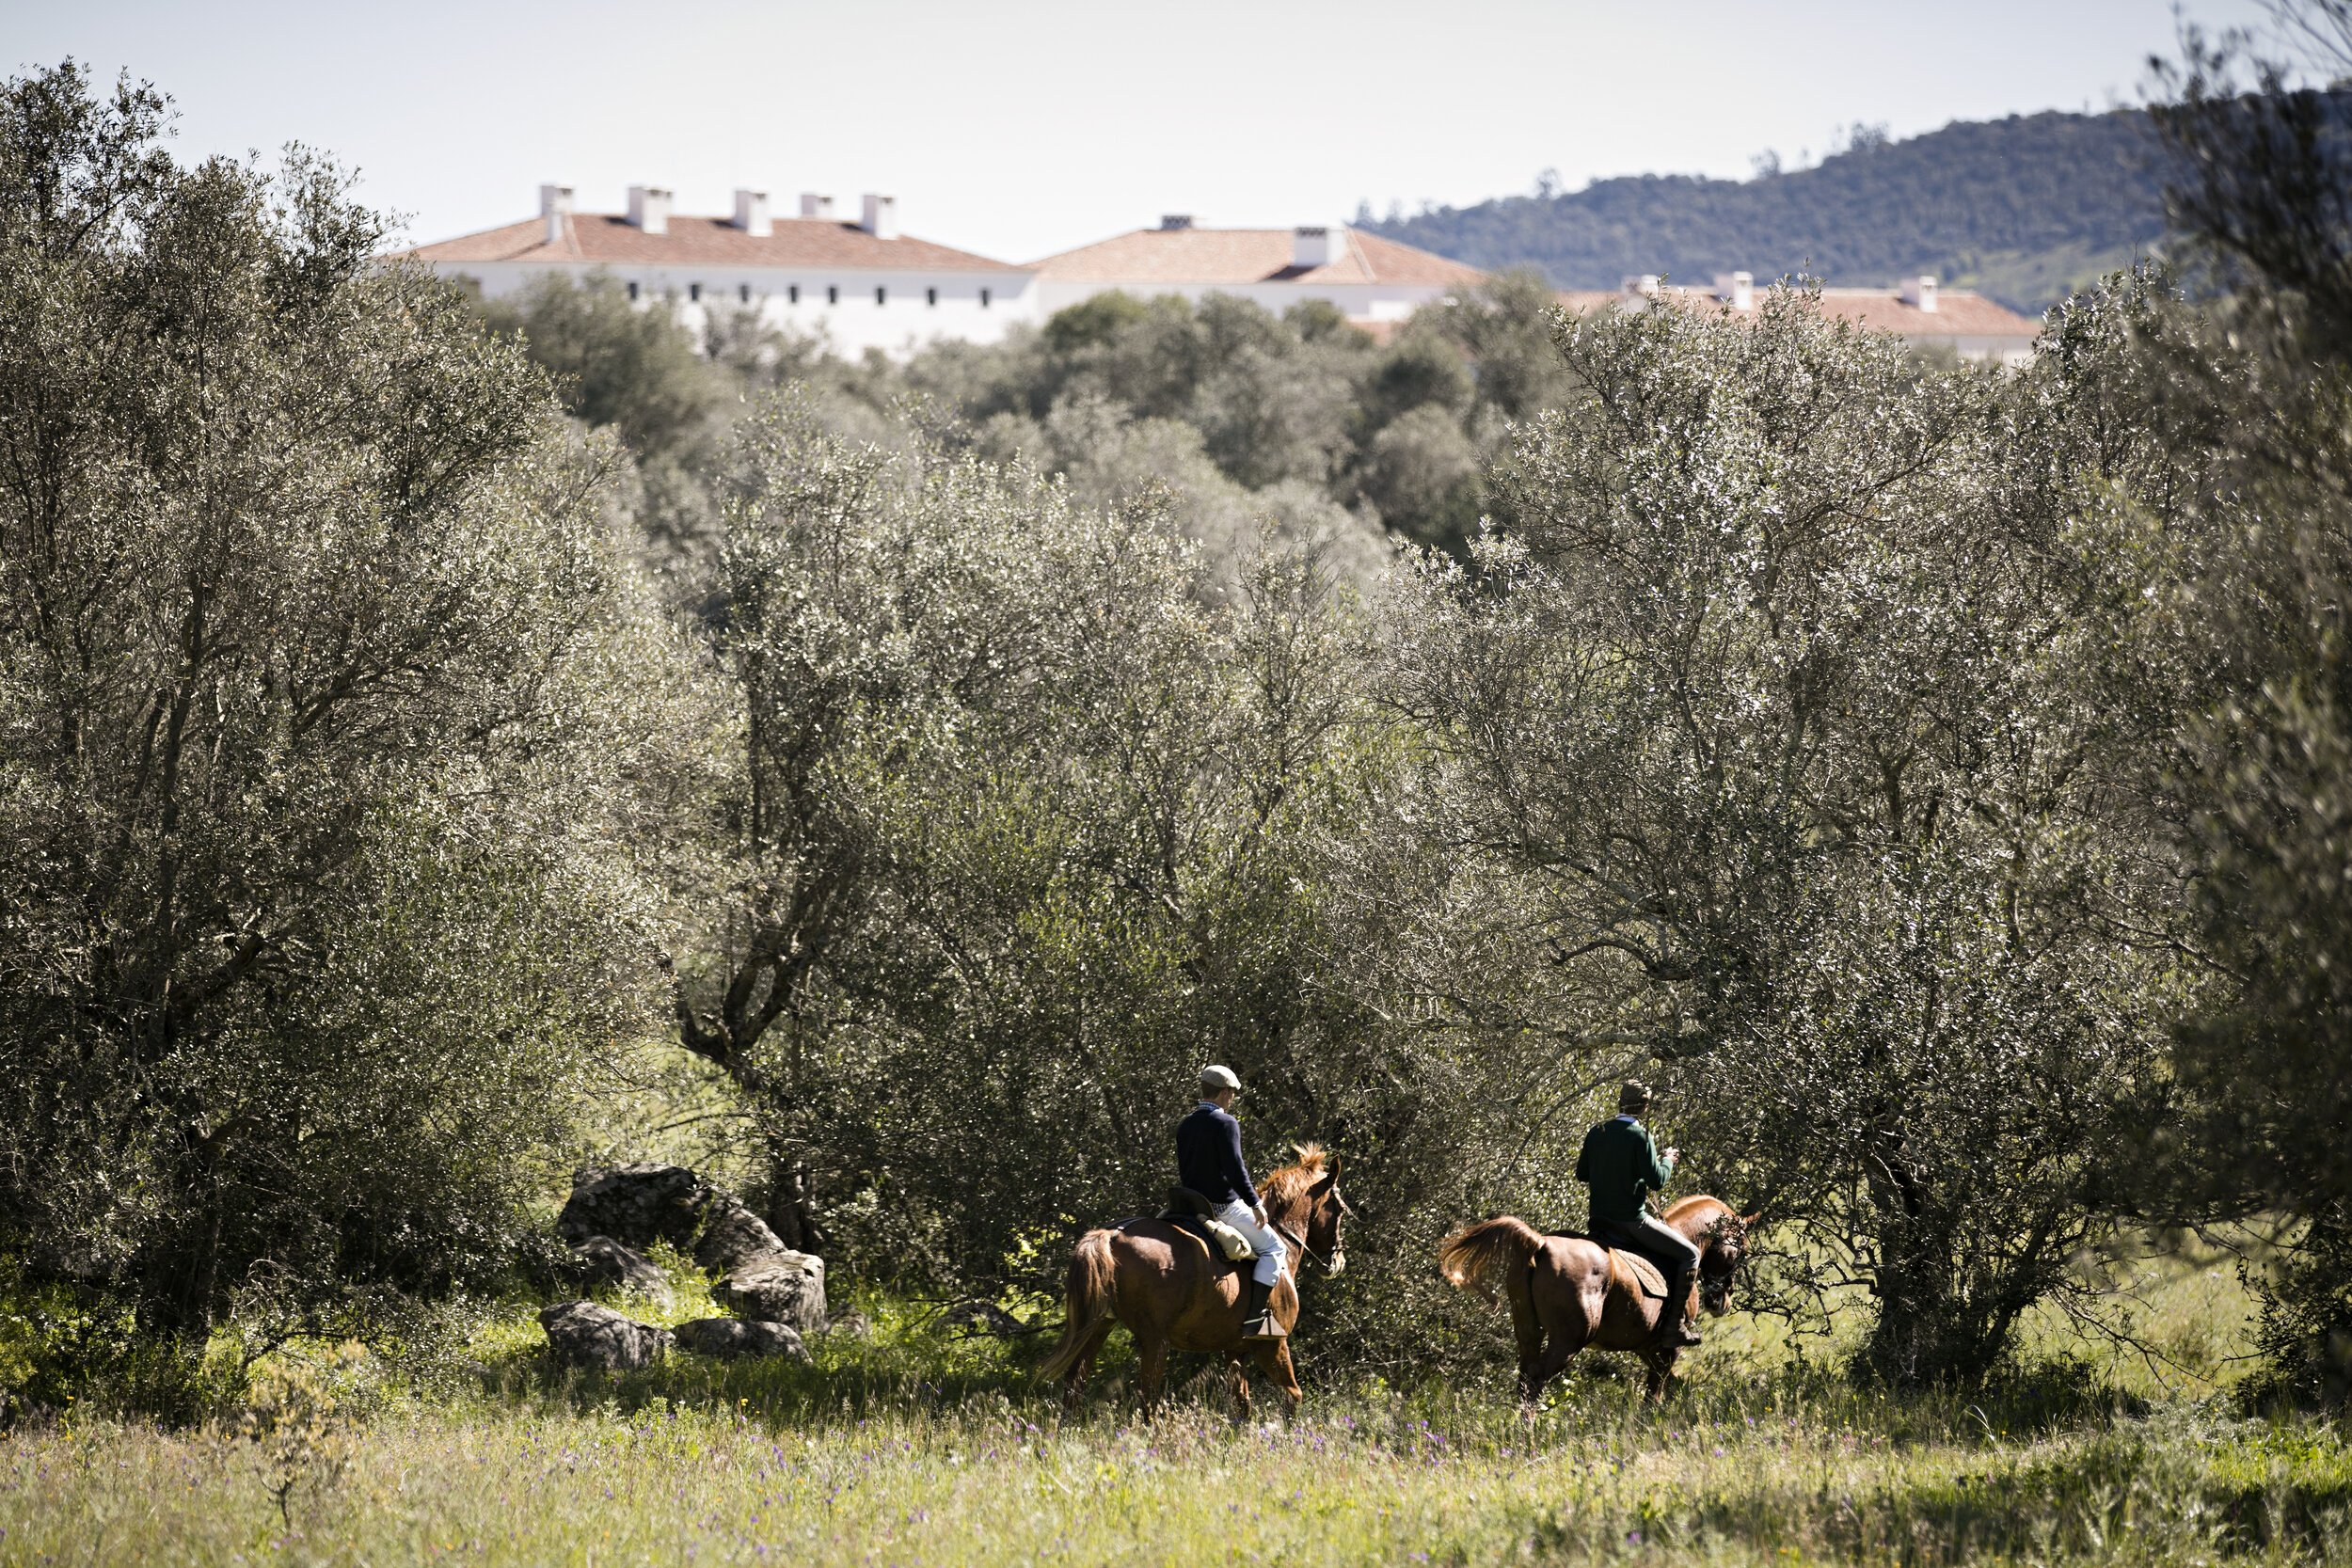 HORSES_010416_3596(©Nelson Garrido).jpg